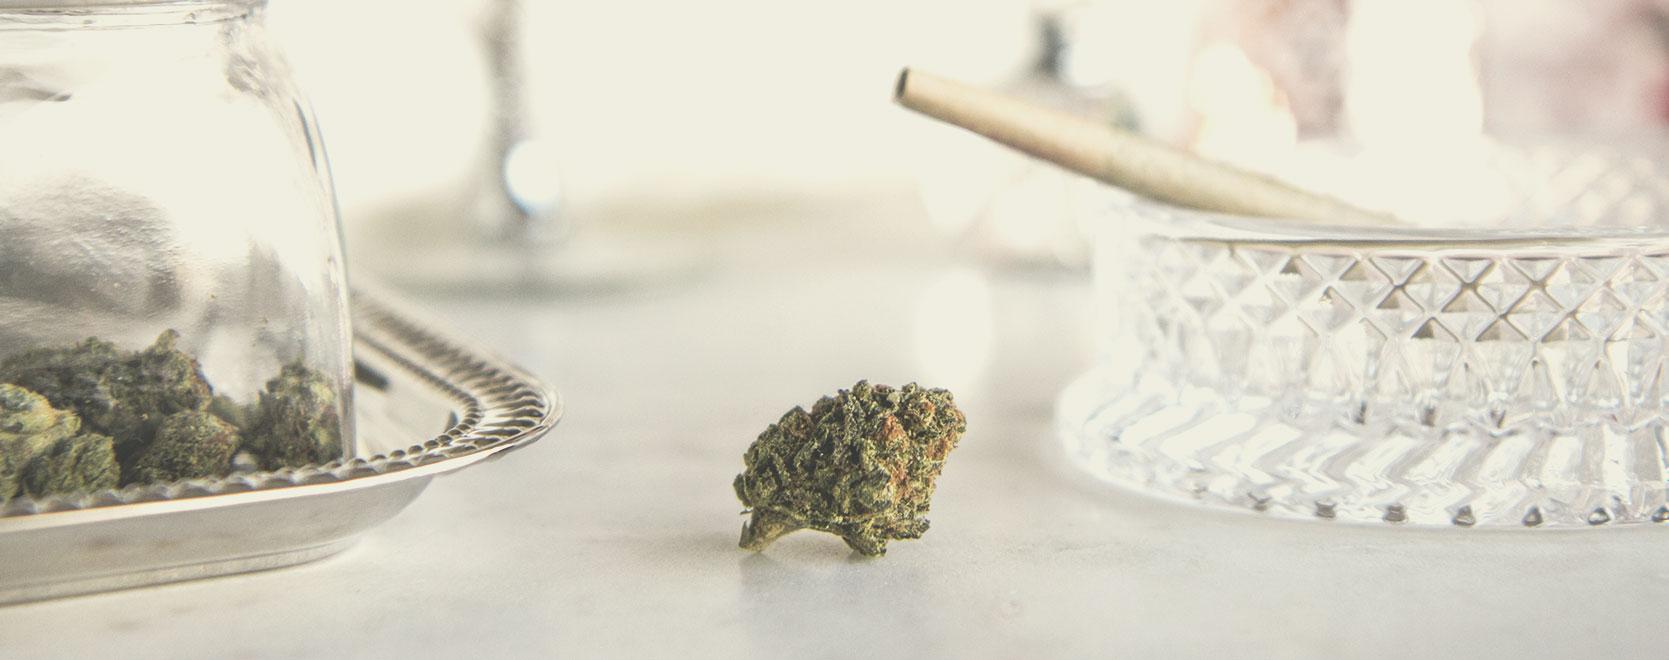 Så använder man cannabis ansvarsfullt